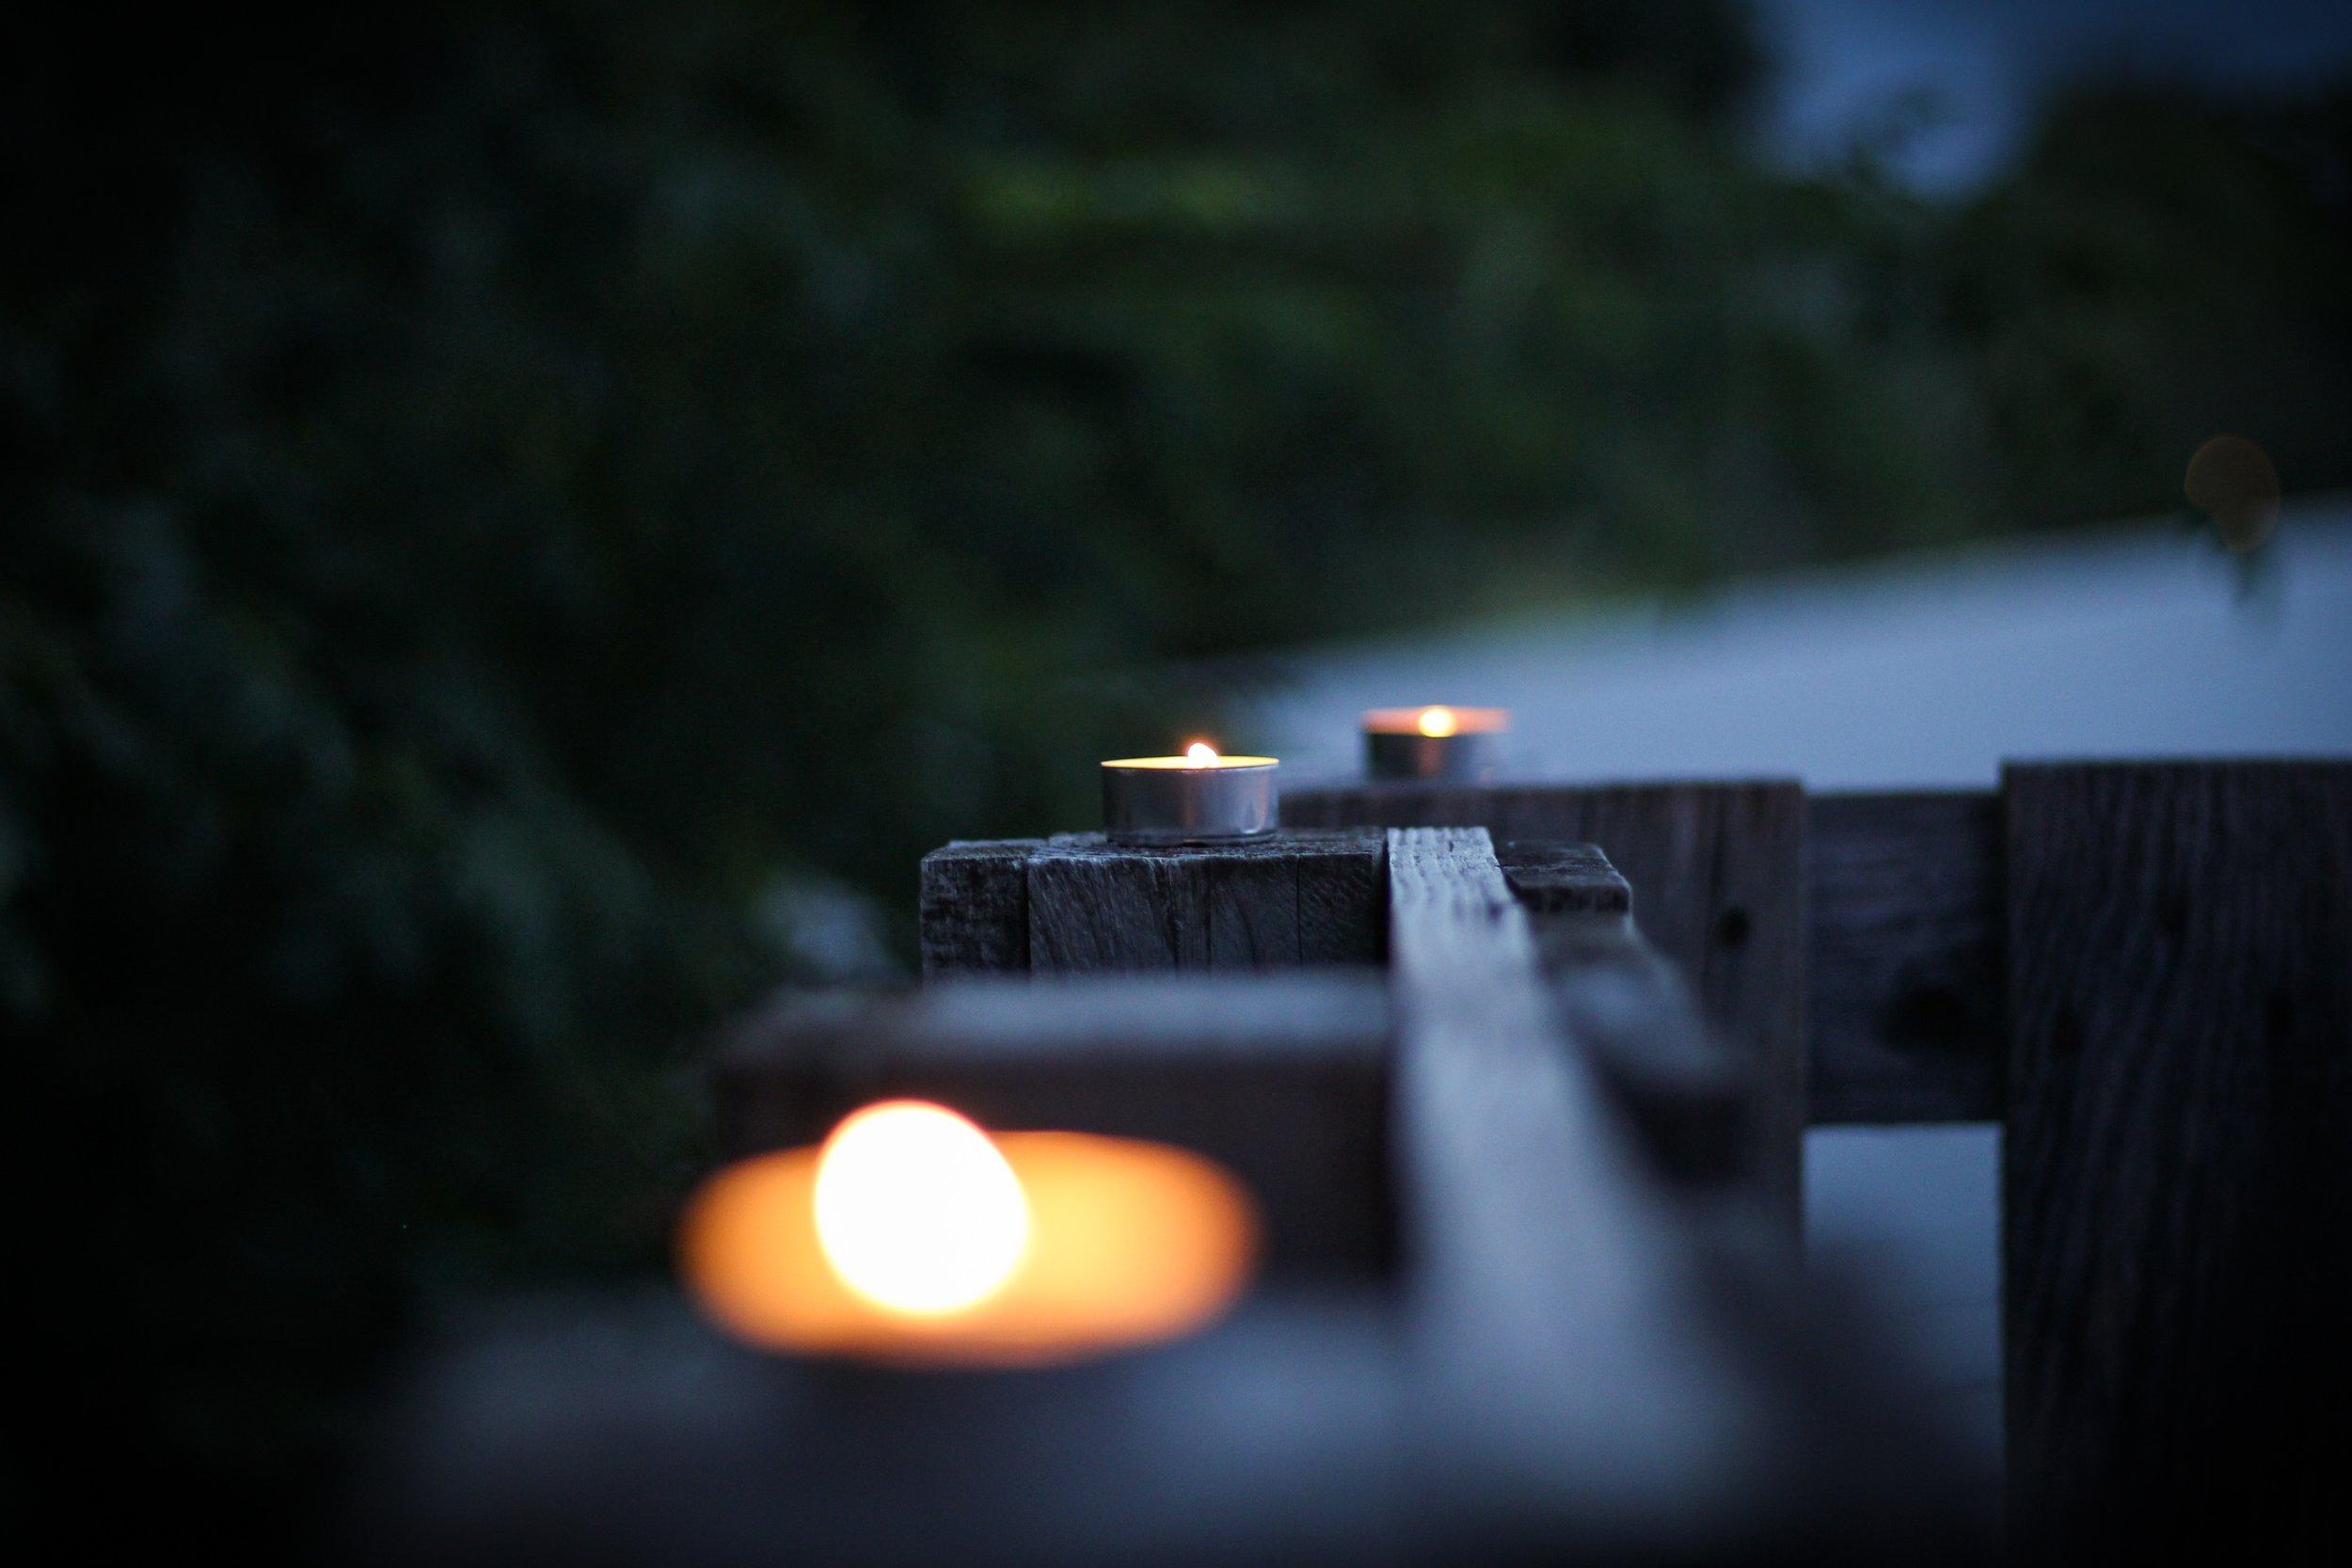 blur-burn-burning-266442.jpg